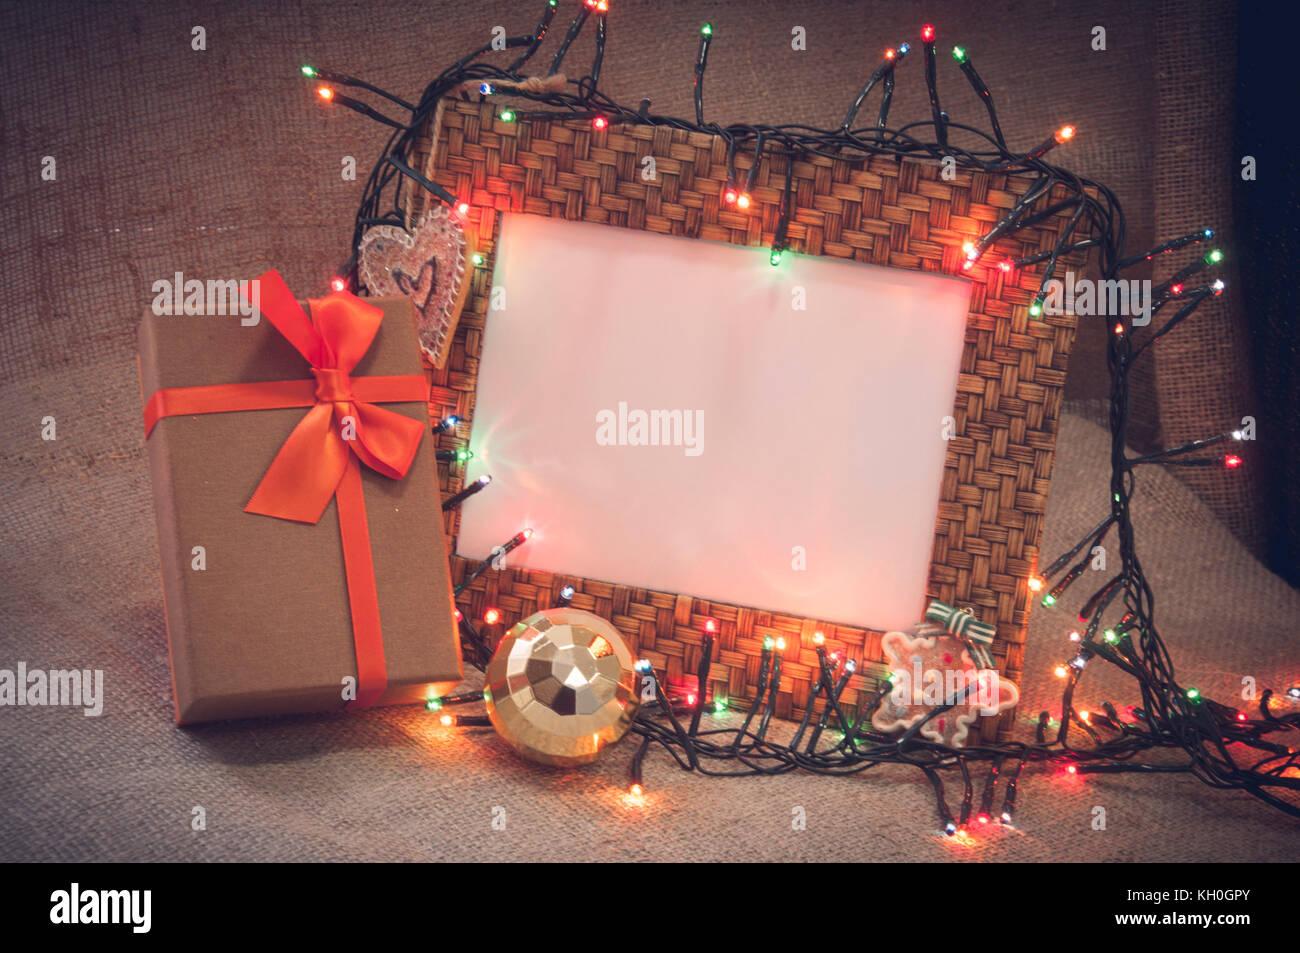 Christmas Ball Decorations Fabric Stockfotos & Christmas Ball ...